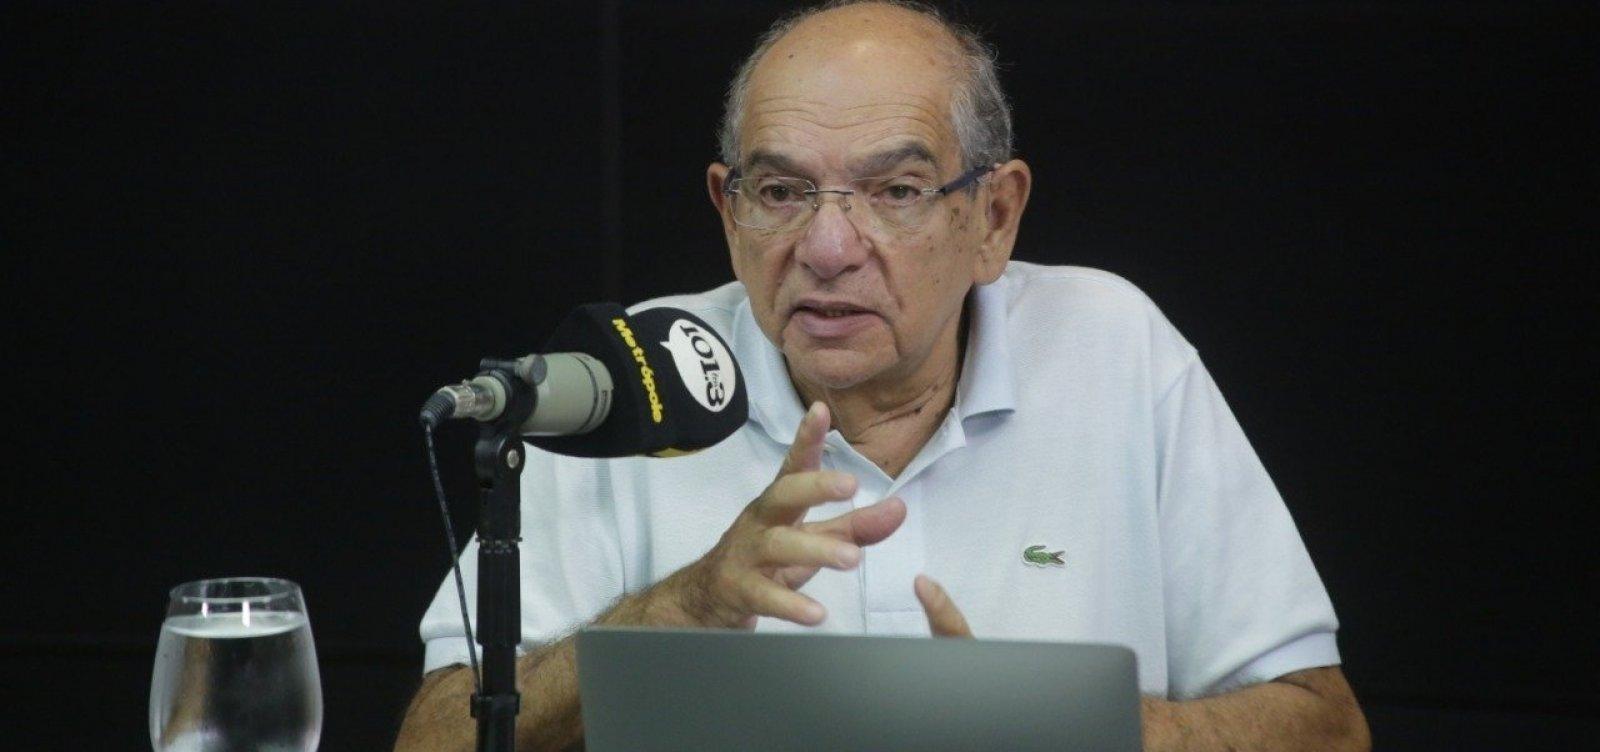 MK comenta interferência de Bolsonaro na Petrobras após alta de preços; ouça